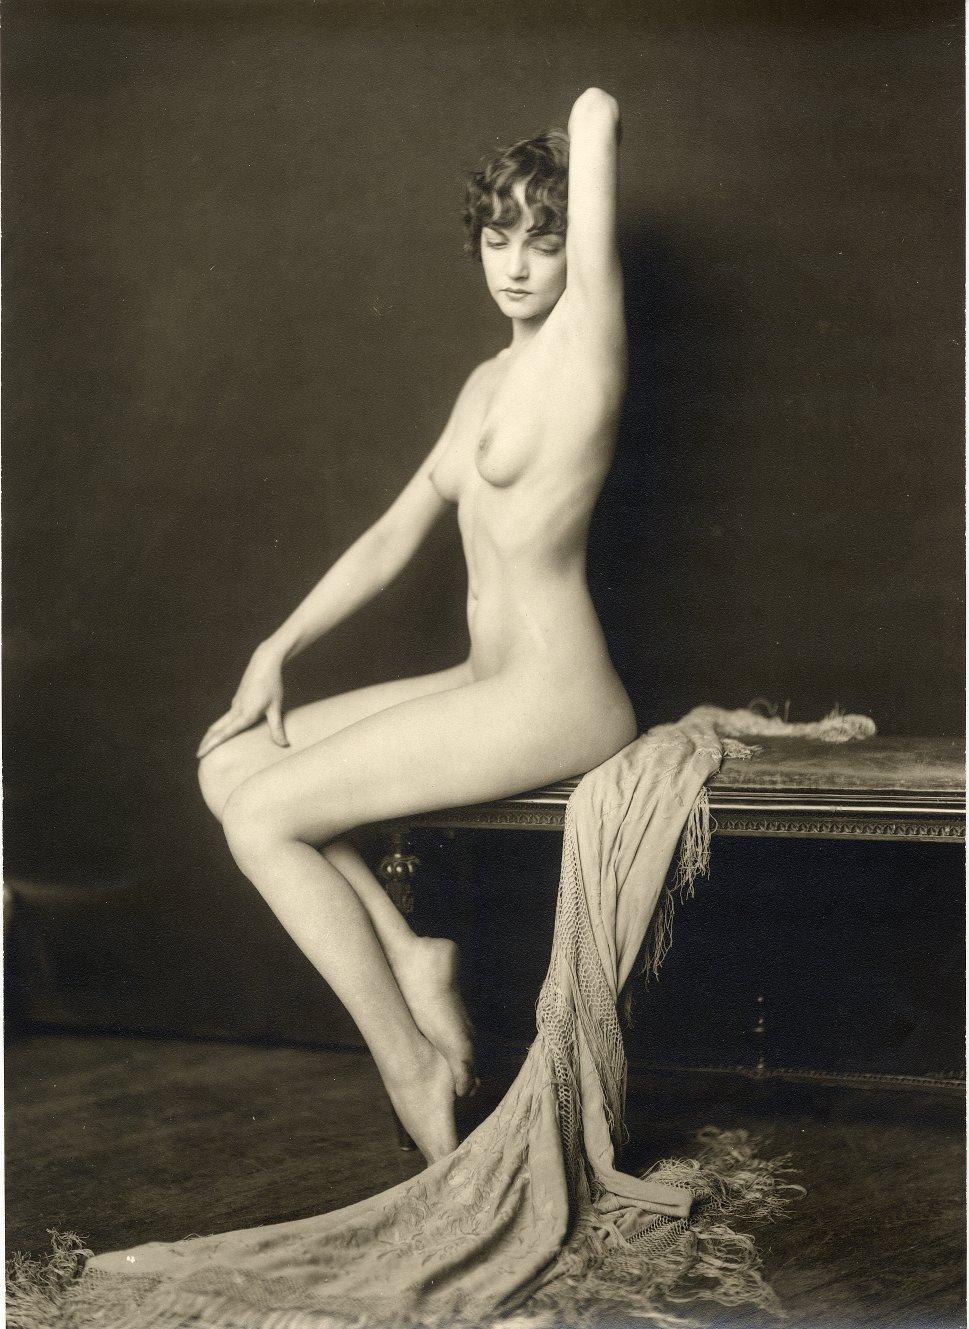 erotika-v-20-veke